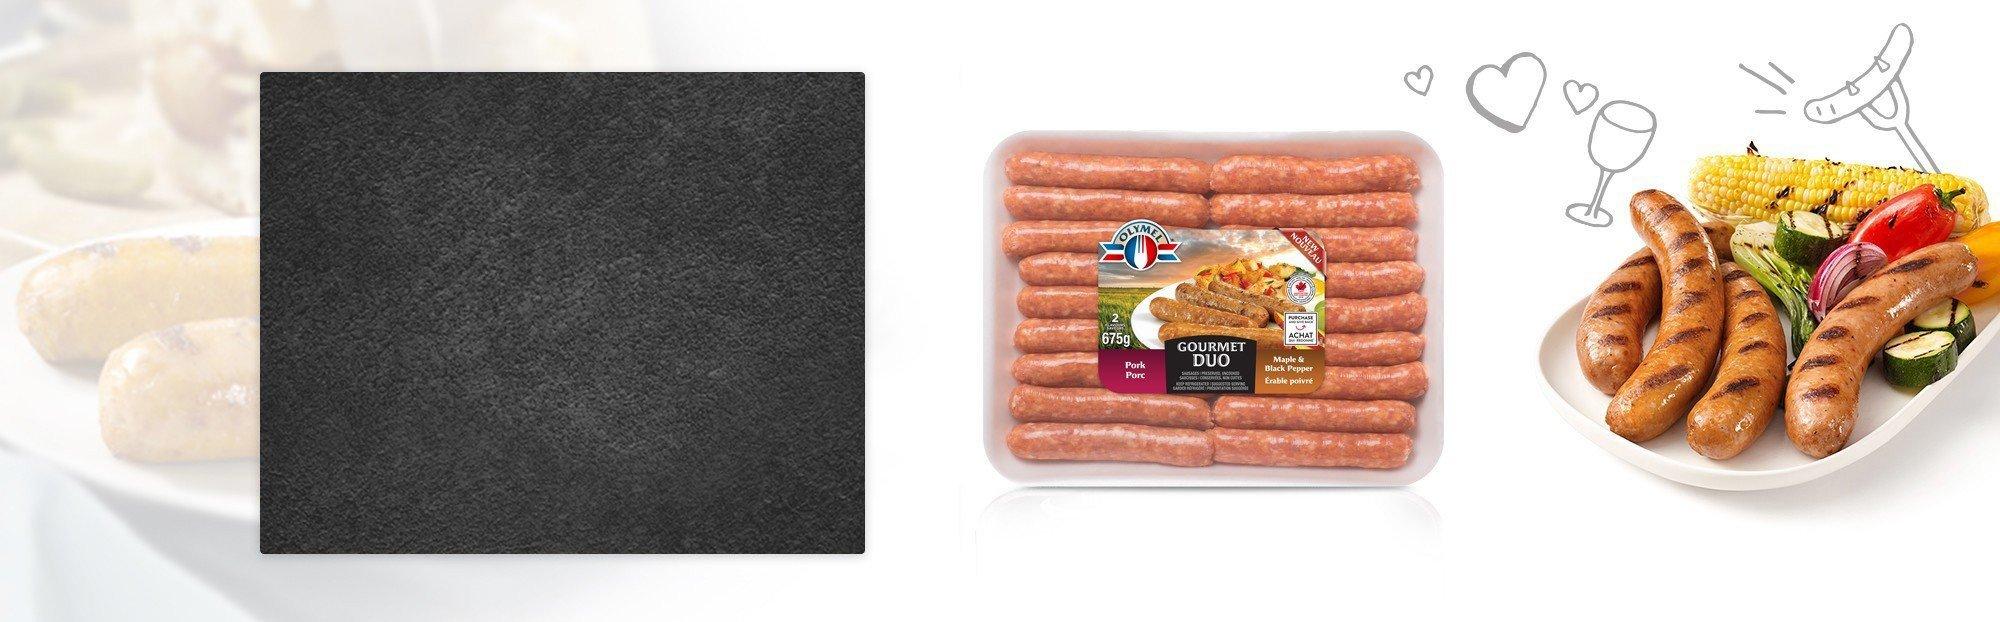 Saucisses Porc & Érable poivrée